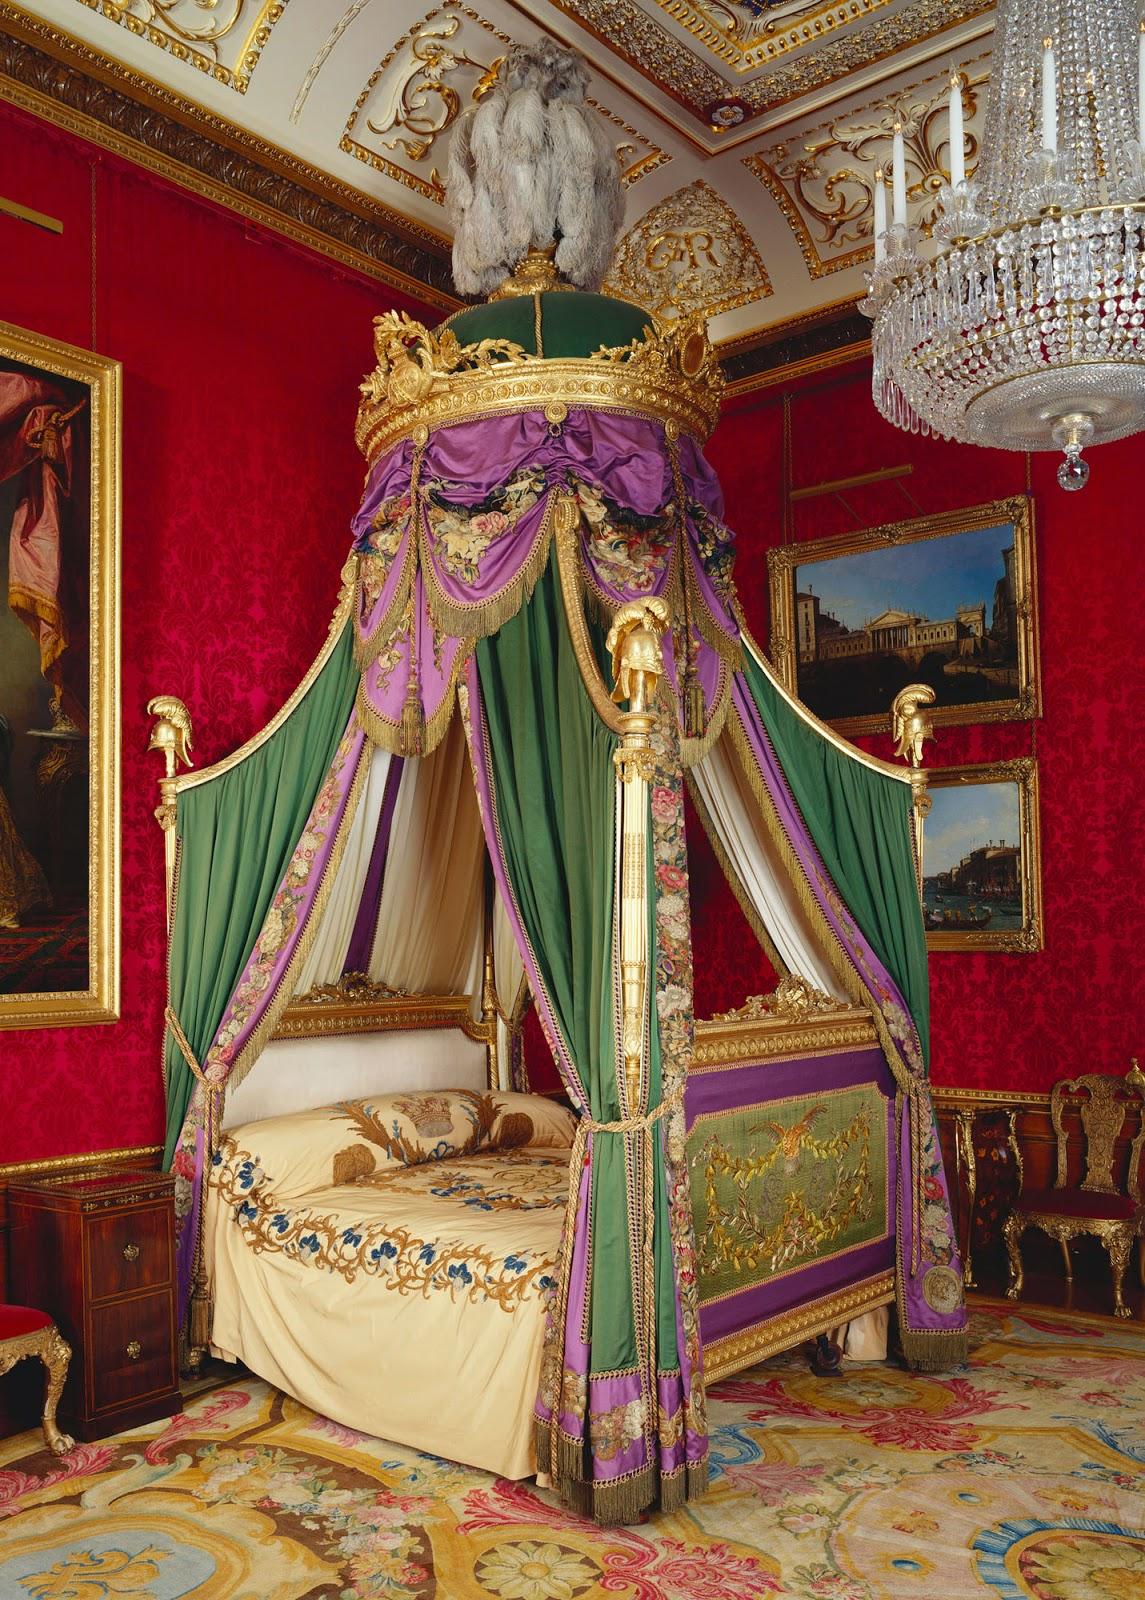 Queen elizabeth bedroom